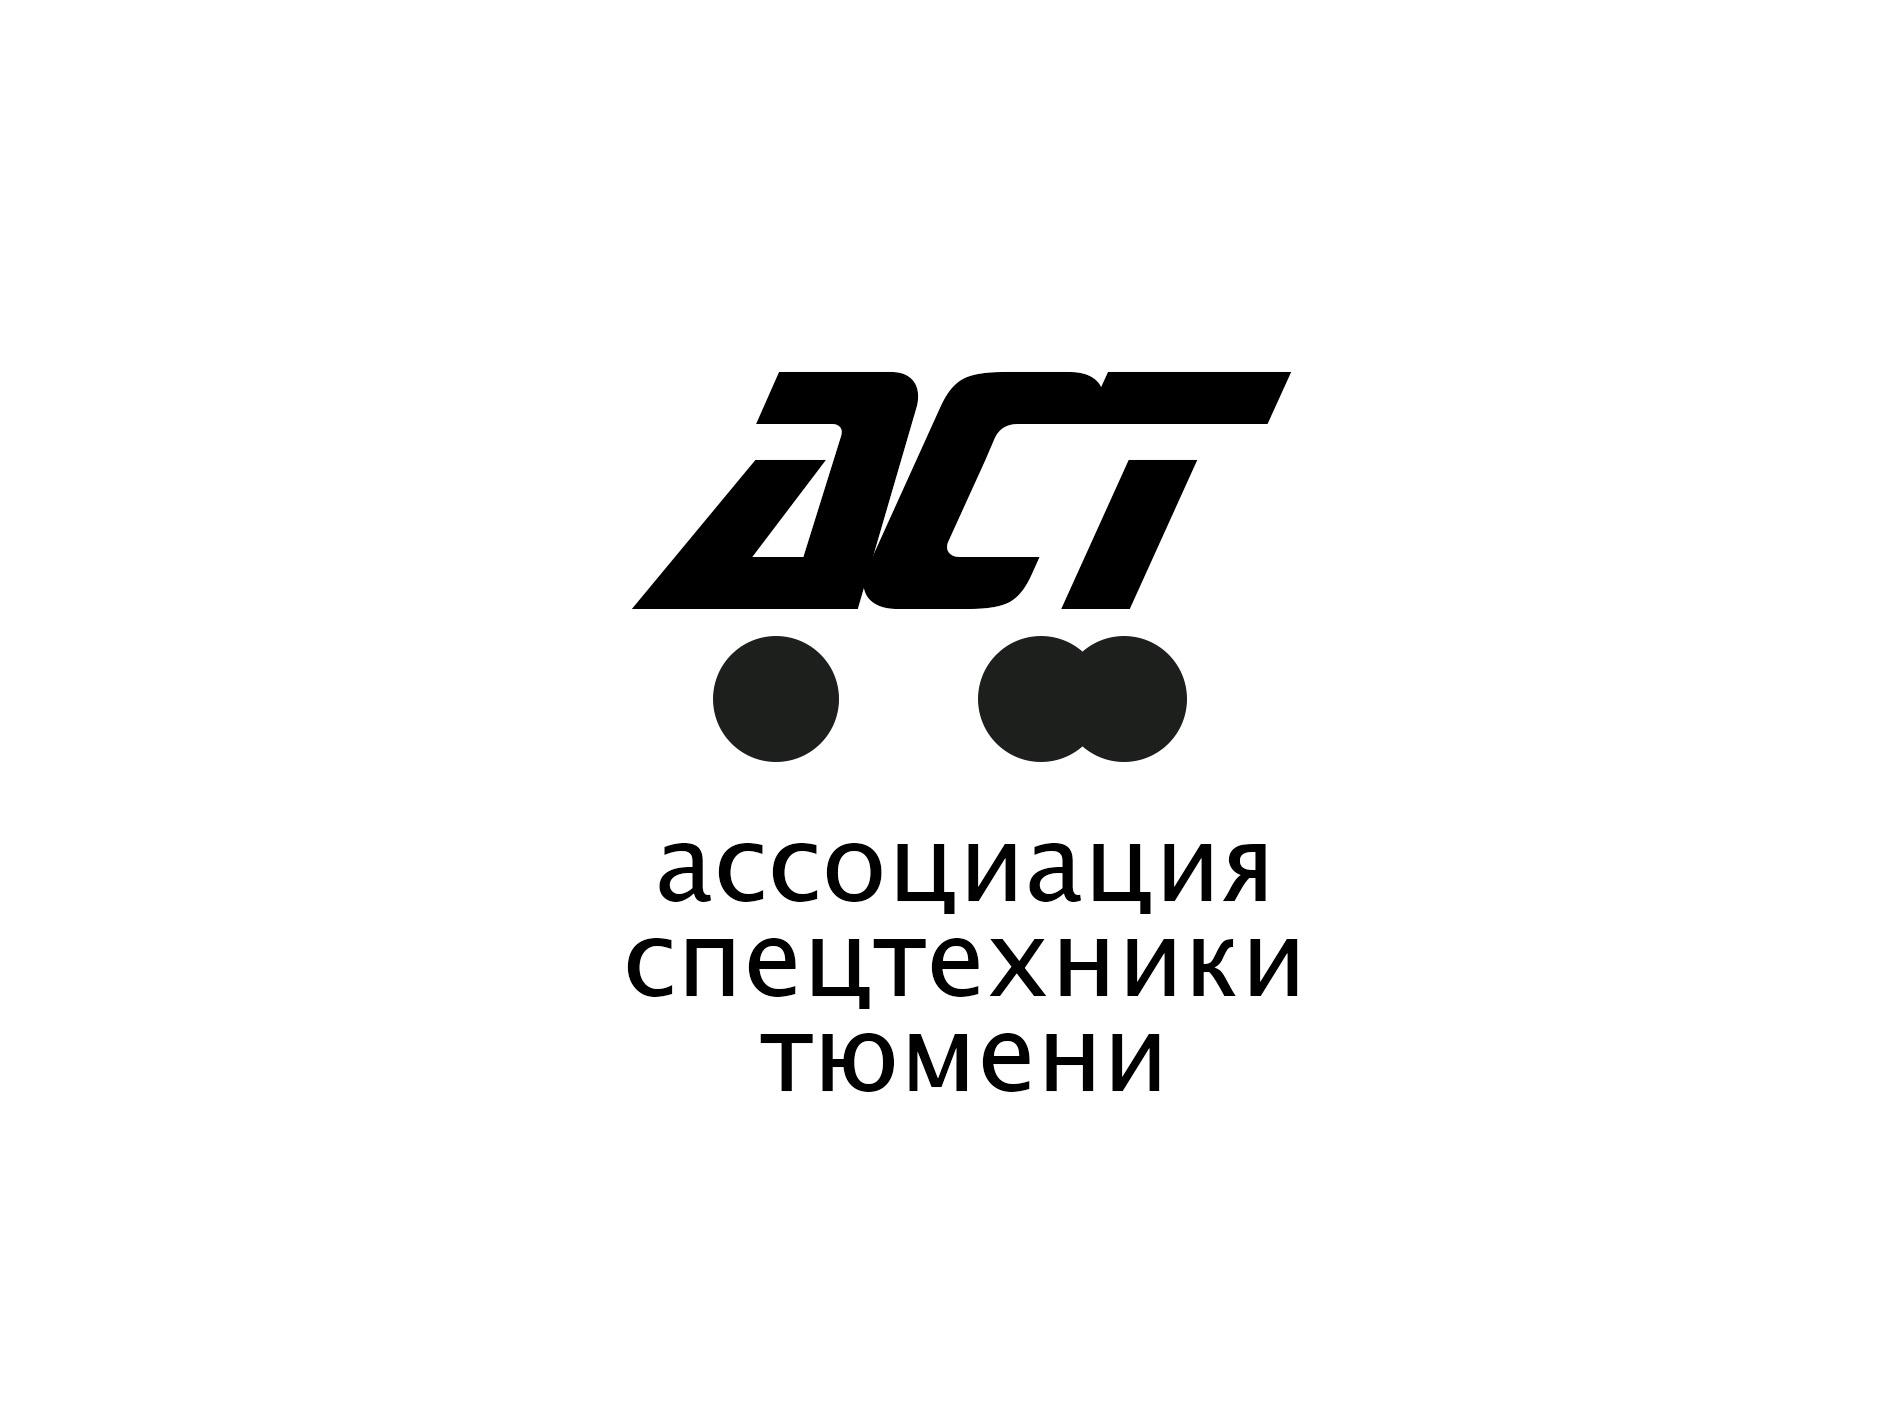 Логотип для Ассоциации спецтехники фото f_31951431bd7b1db8.jpg